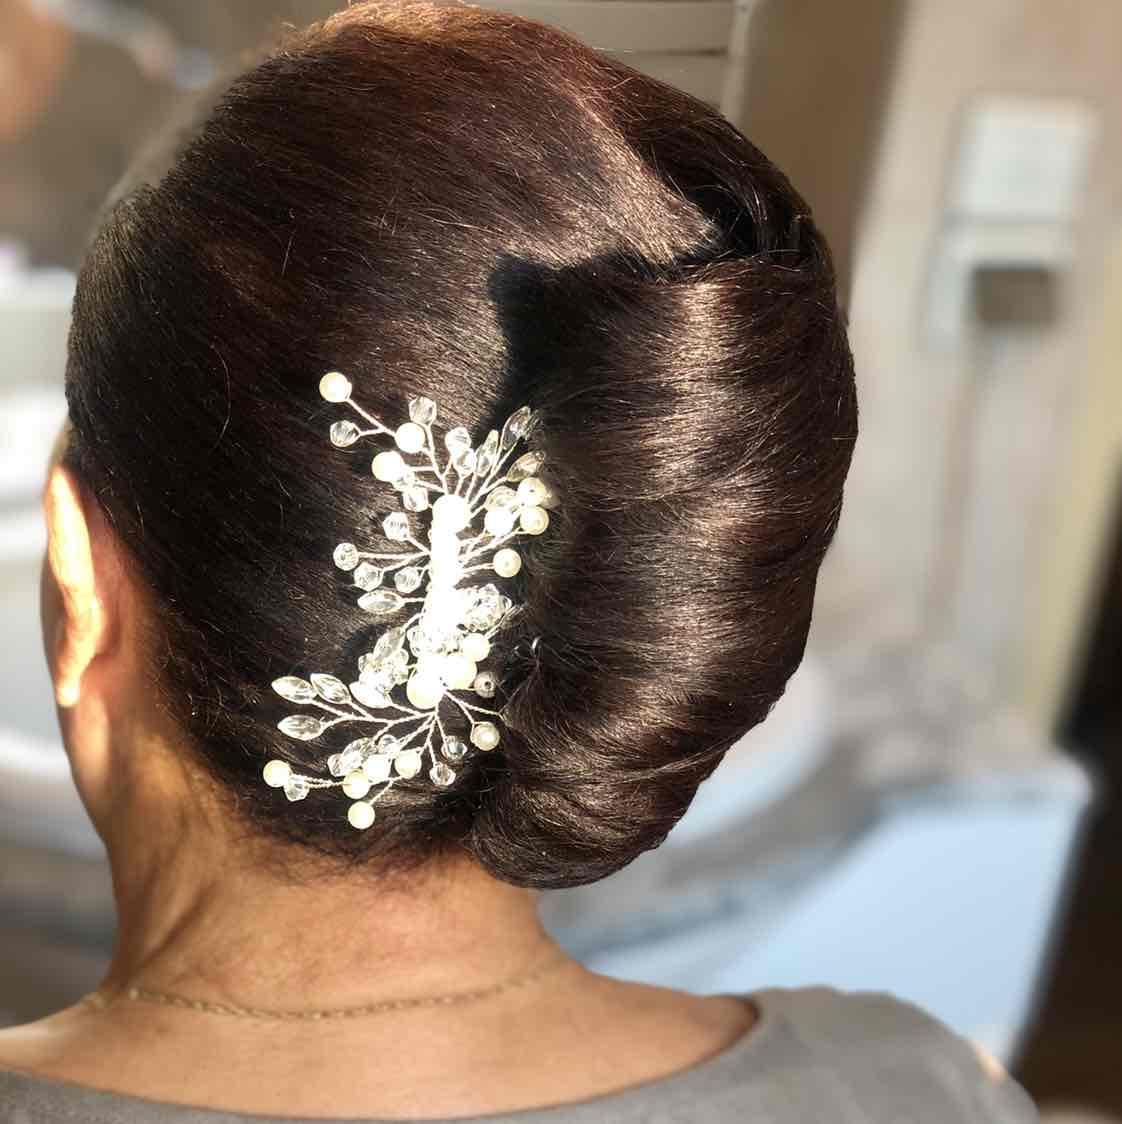 salon de coiffure afro tresse tresses box braids crochet braids vanilles tissages paris 75 77 78 91 92 93 94 95 TLMTOCDW